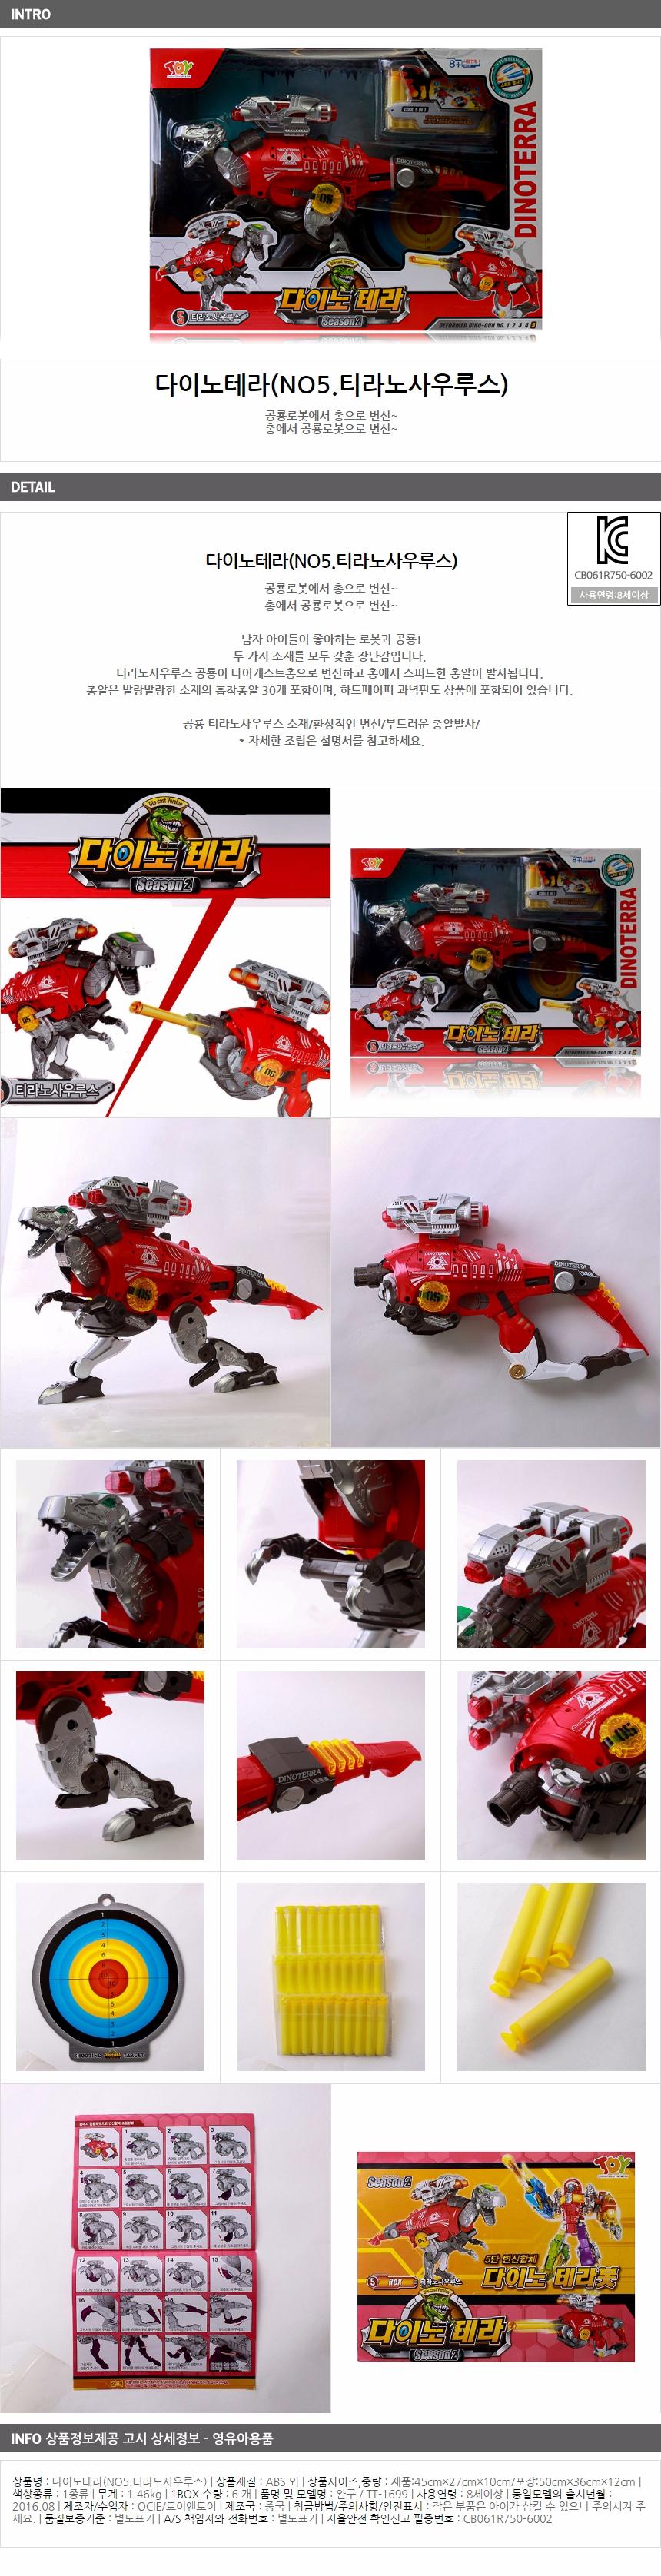 다이노테라 티라노사우루스 로봇/로봇공룡 공룡장난감 - 기프트갓, 58,700원, 장난감, 장난감